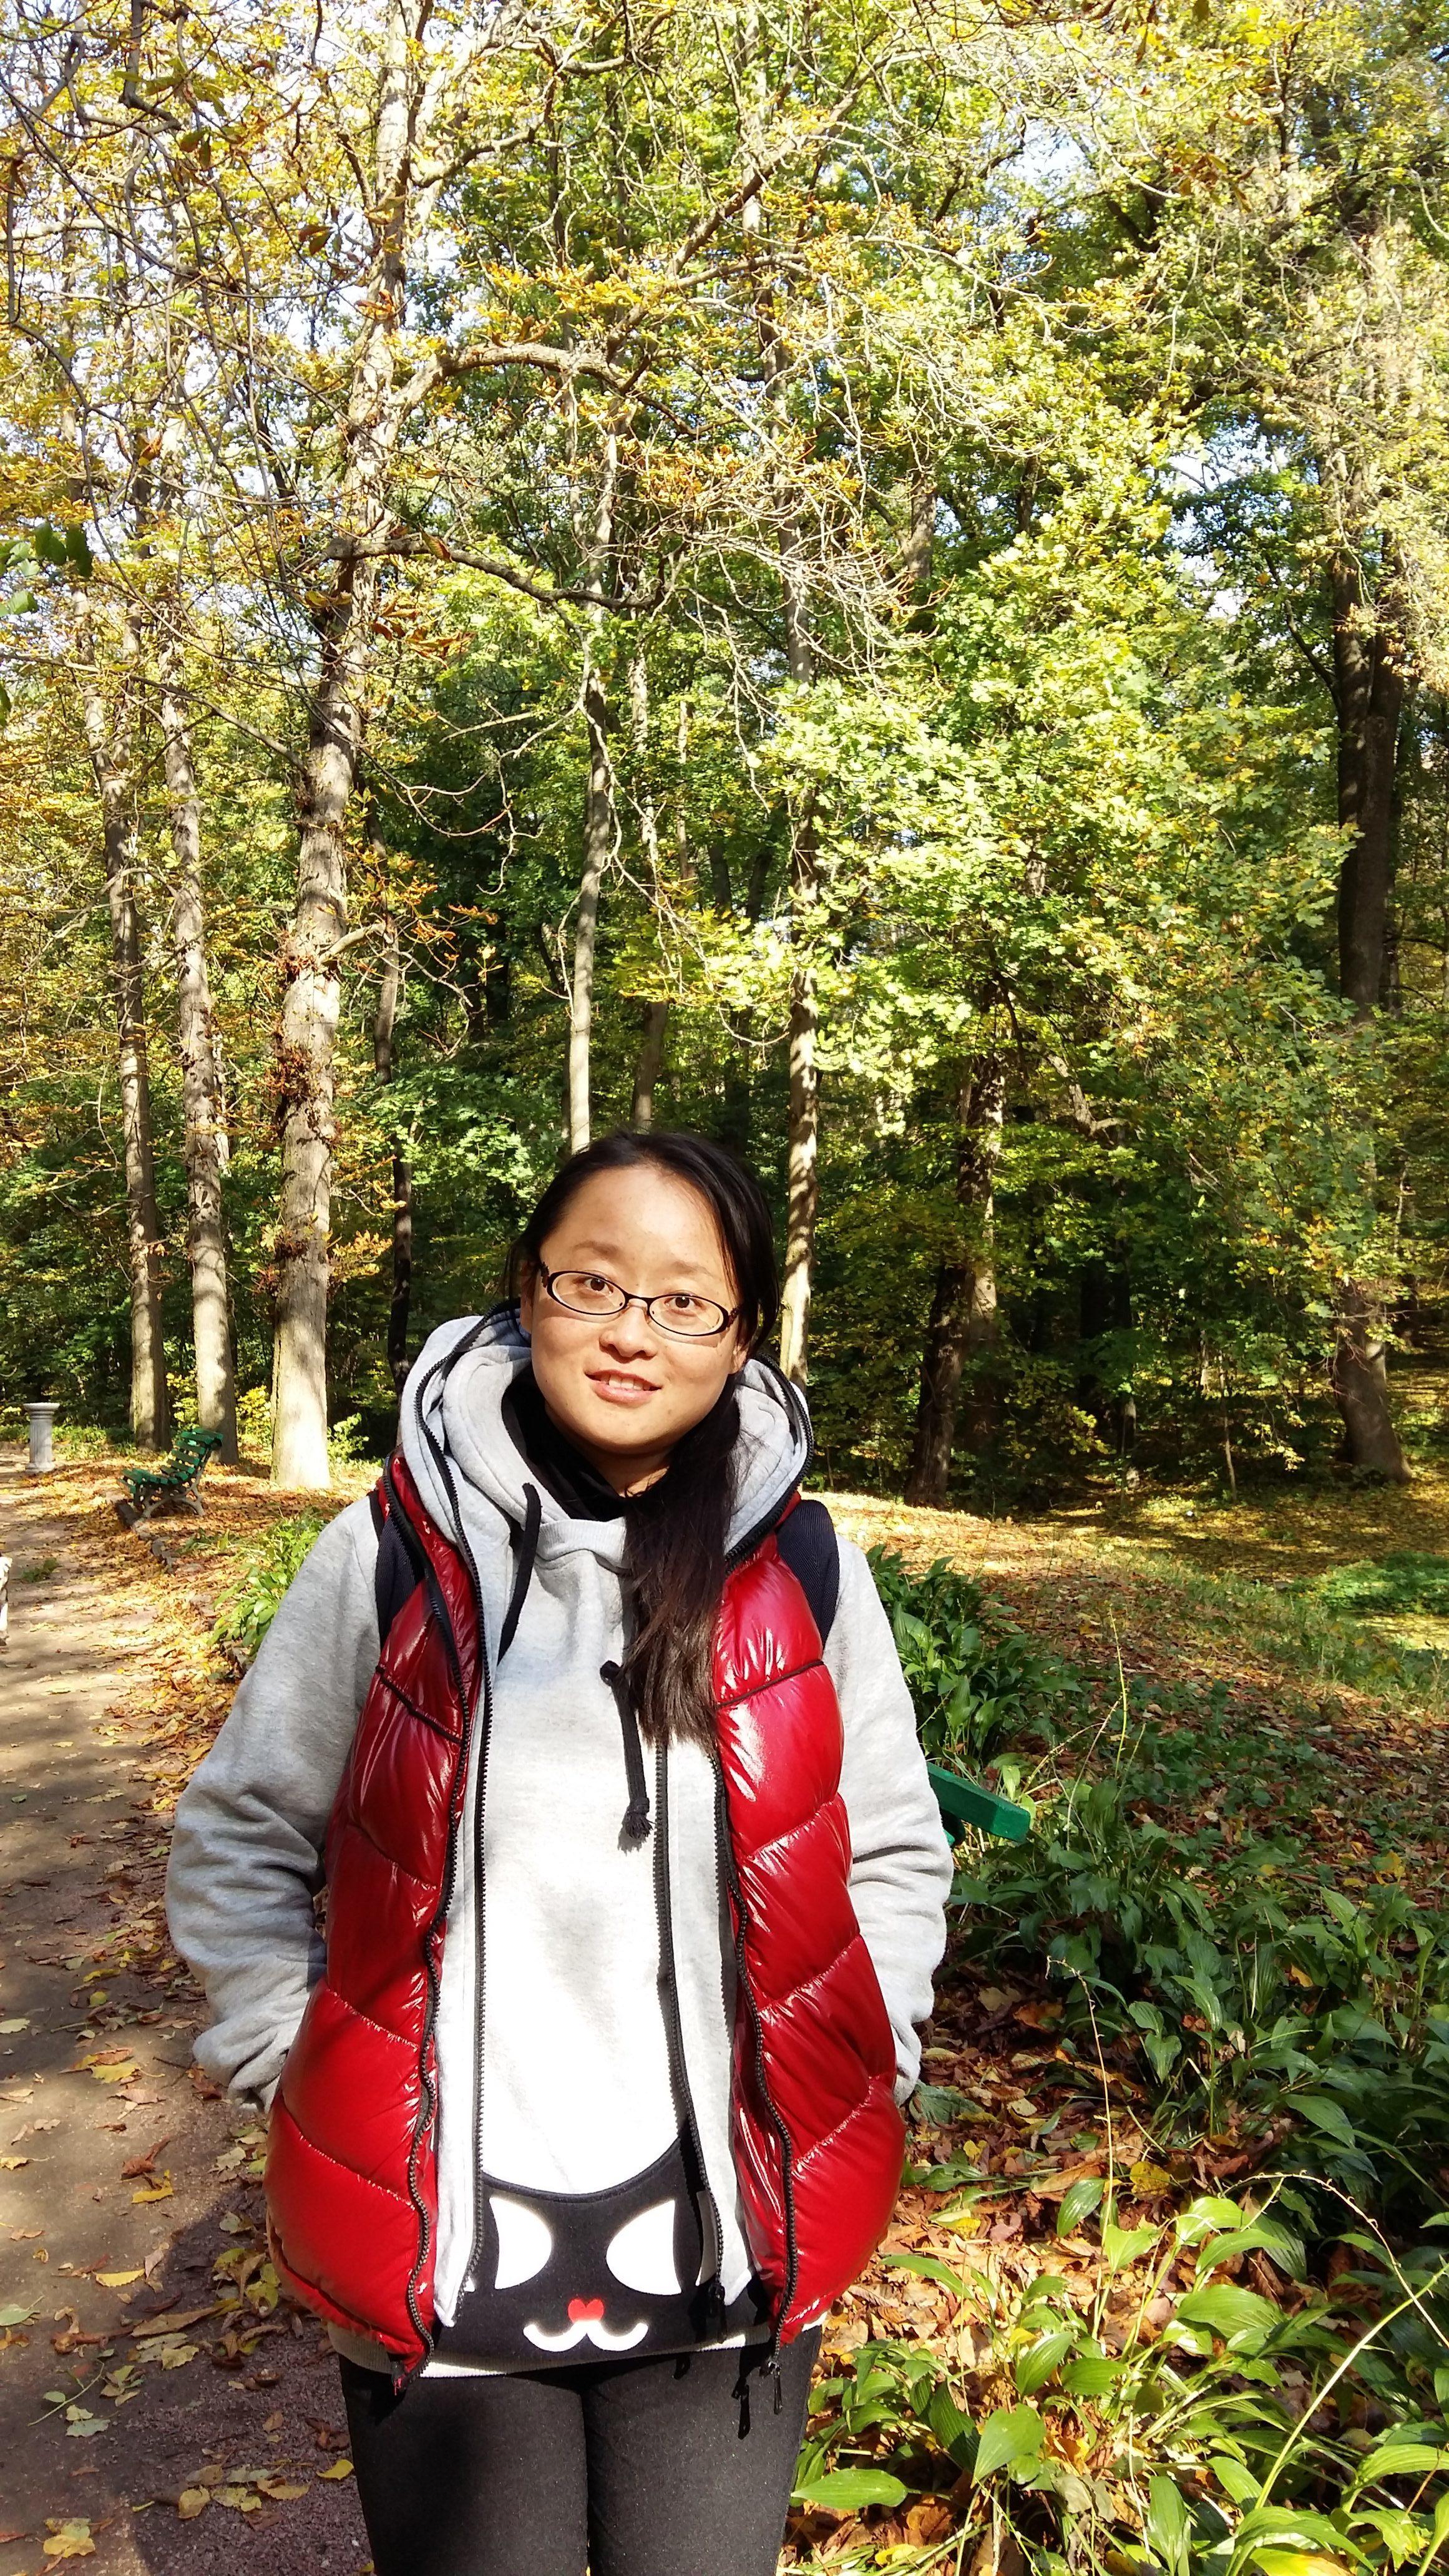 来晓茜 Lai Xiao Qian